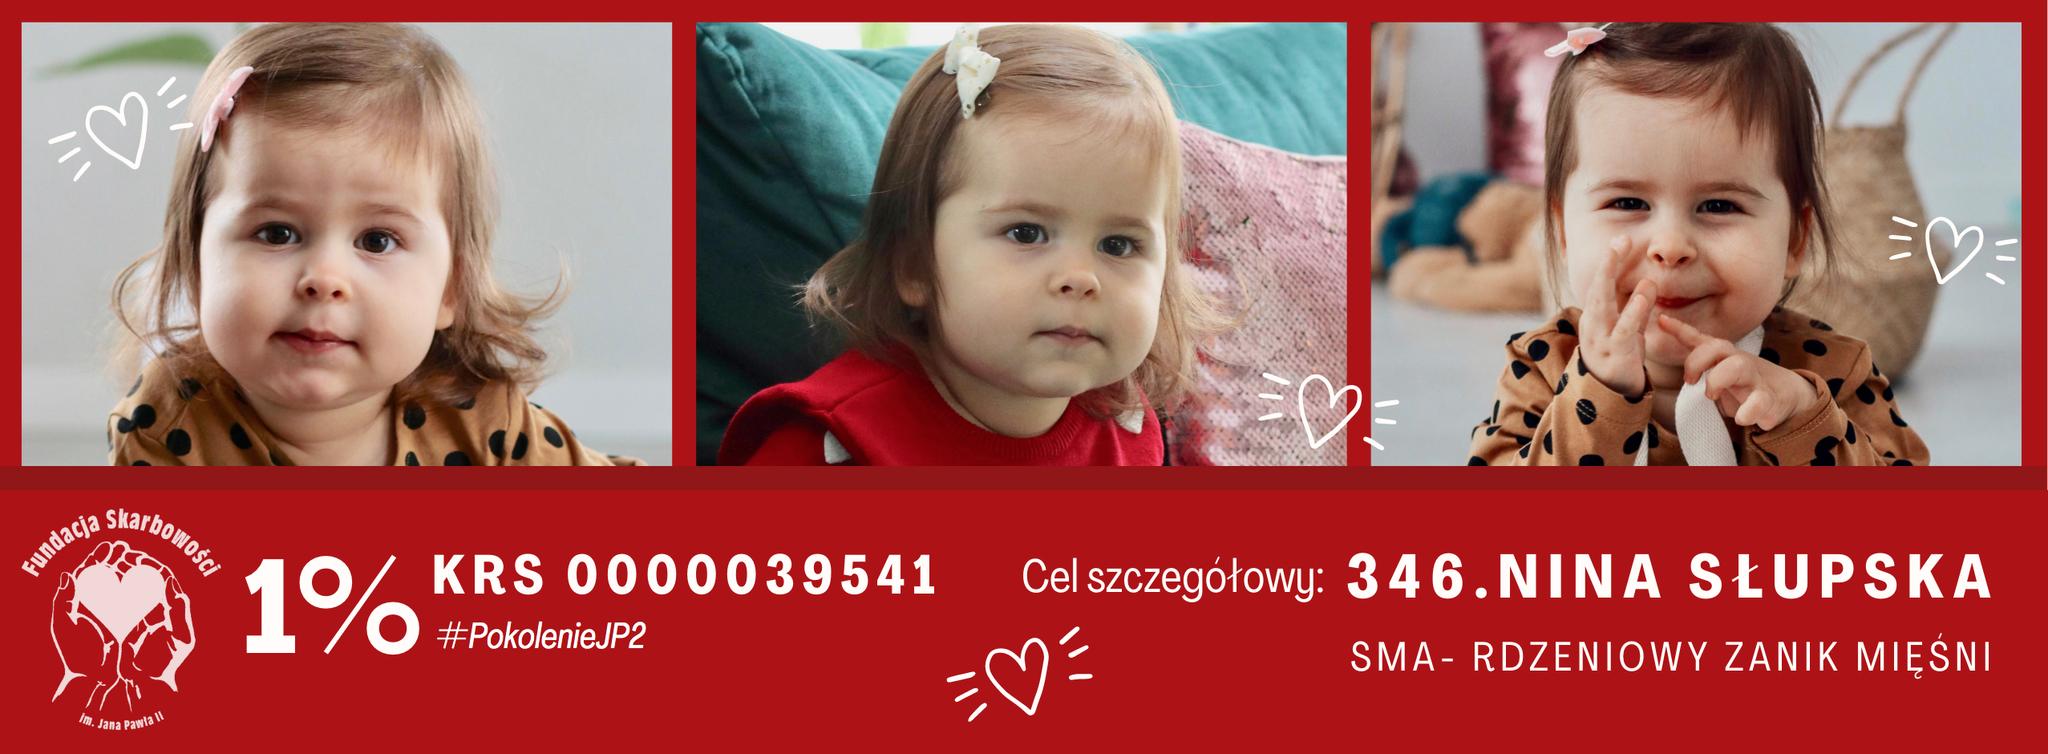 Zrzut ekranu 2020-12-20 o 22.09.09_Easy-Resize.com